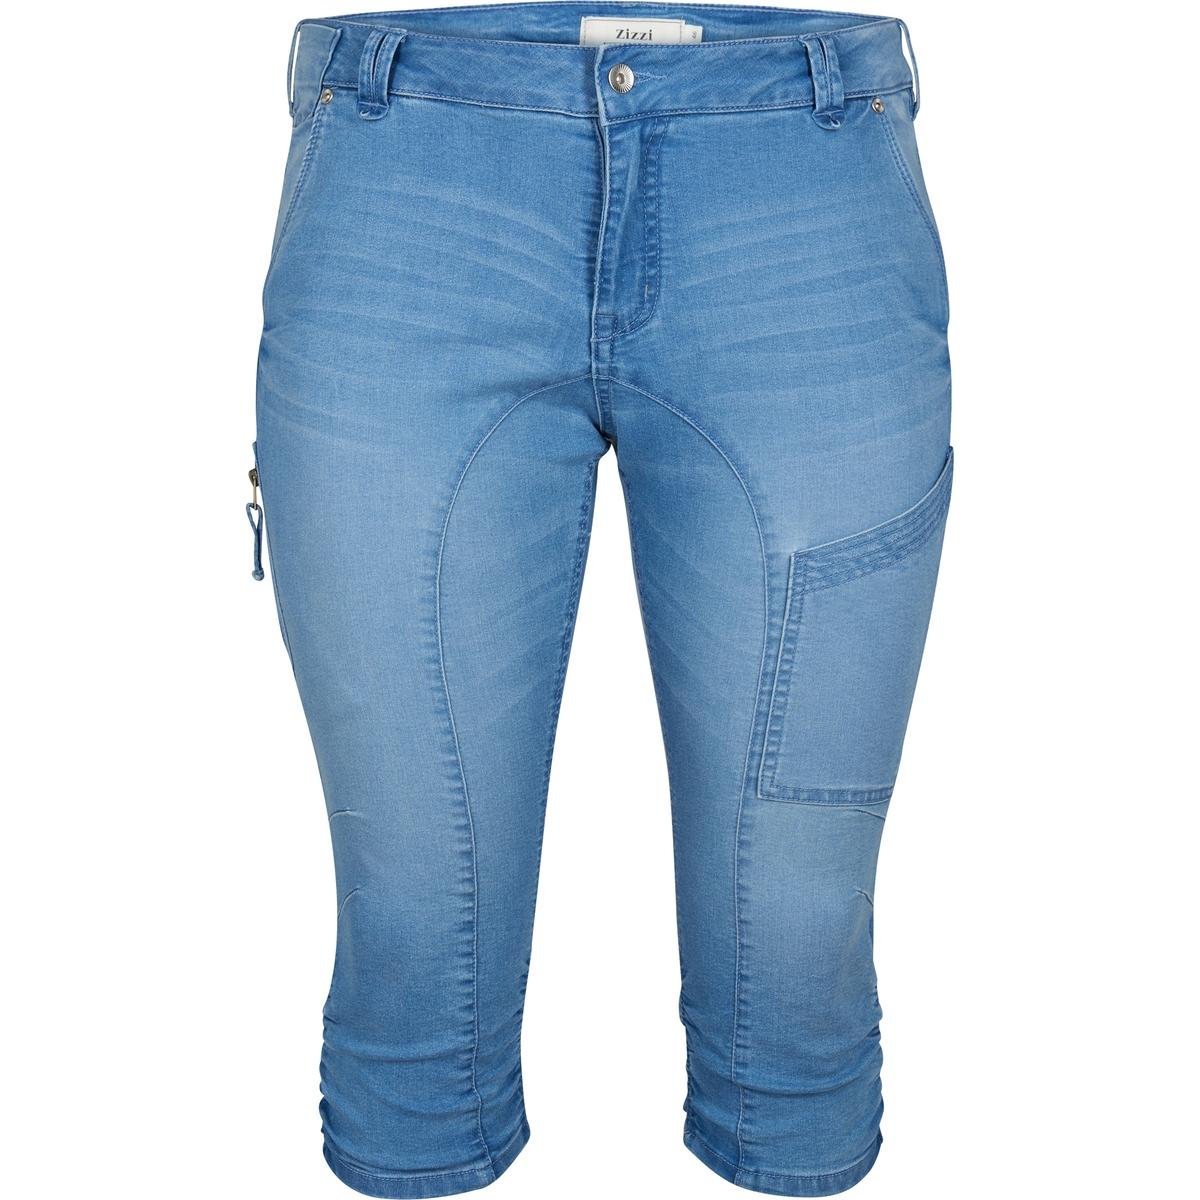 Джинсы каприМного деталей: видимые застежки на молнию, эластичные вставки по низу брючин, карман карго на бедрах,  ремень с двойной пряжкой, карманы сзади.<br><br>Цвет: синий джинсовый<br>Размер: 42 (FR) - 48 (RUS)